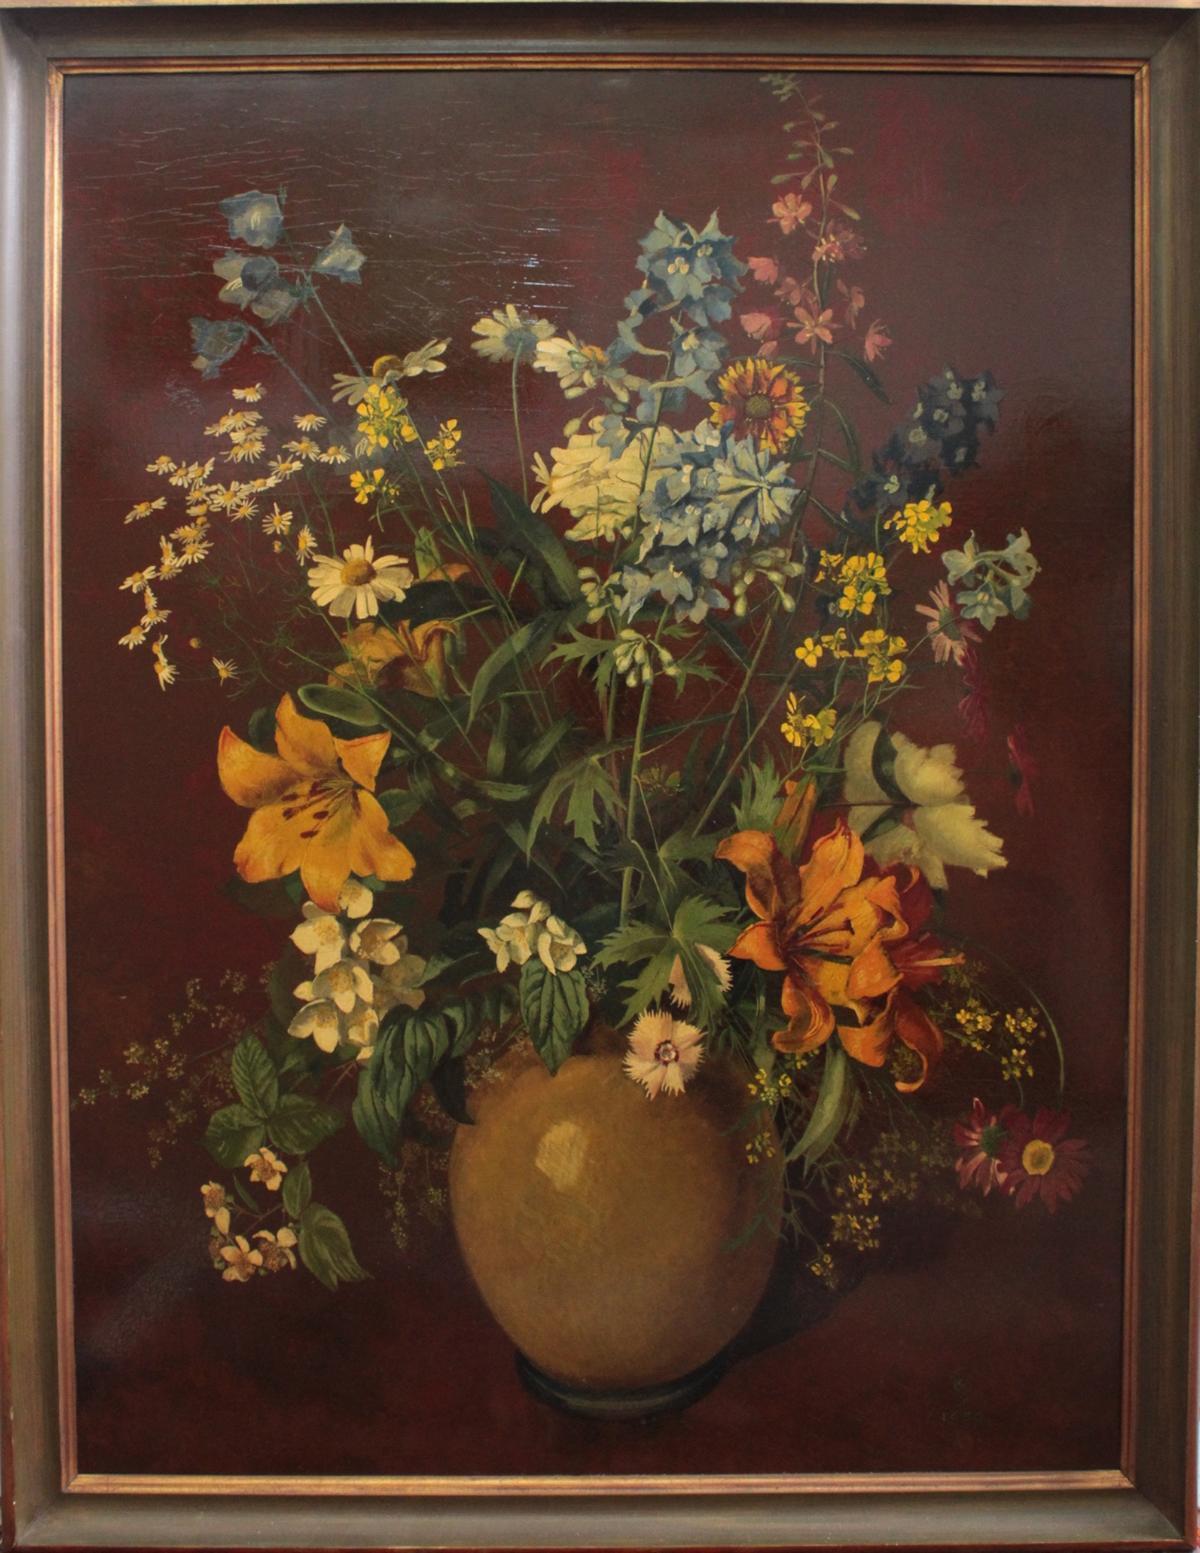 Großes Blumenstilleben von 1939, unbekannter Monogrammist